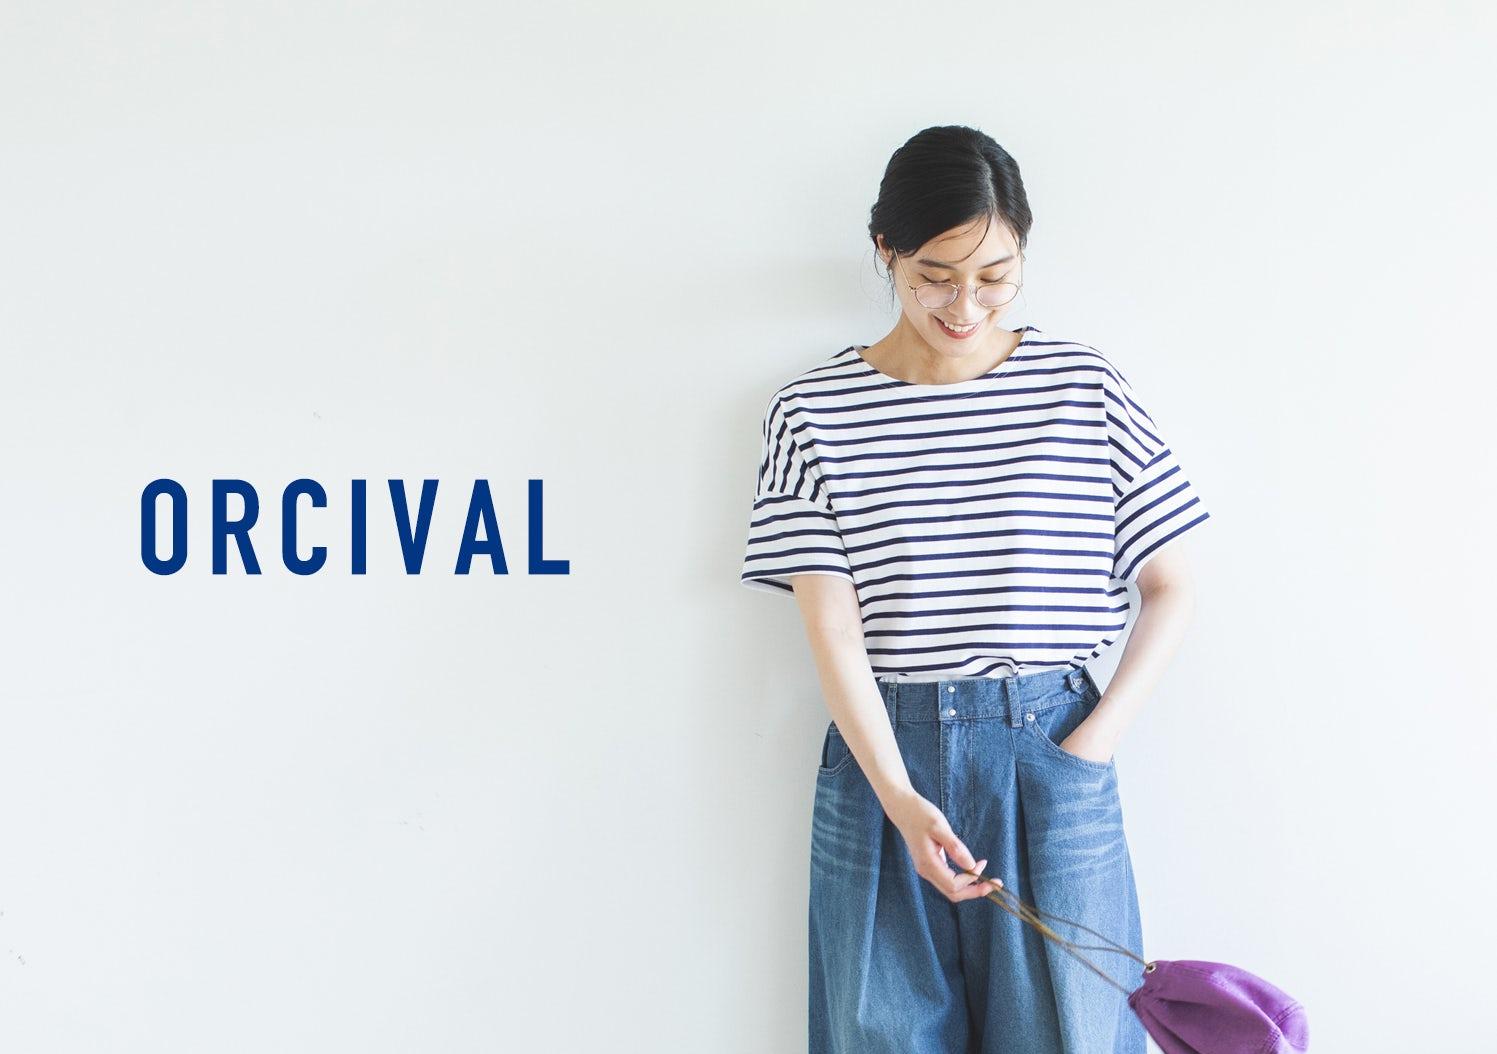 ORCIVAL / オーシバル / ボーダーカットソーの画像